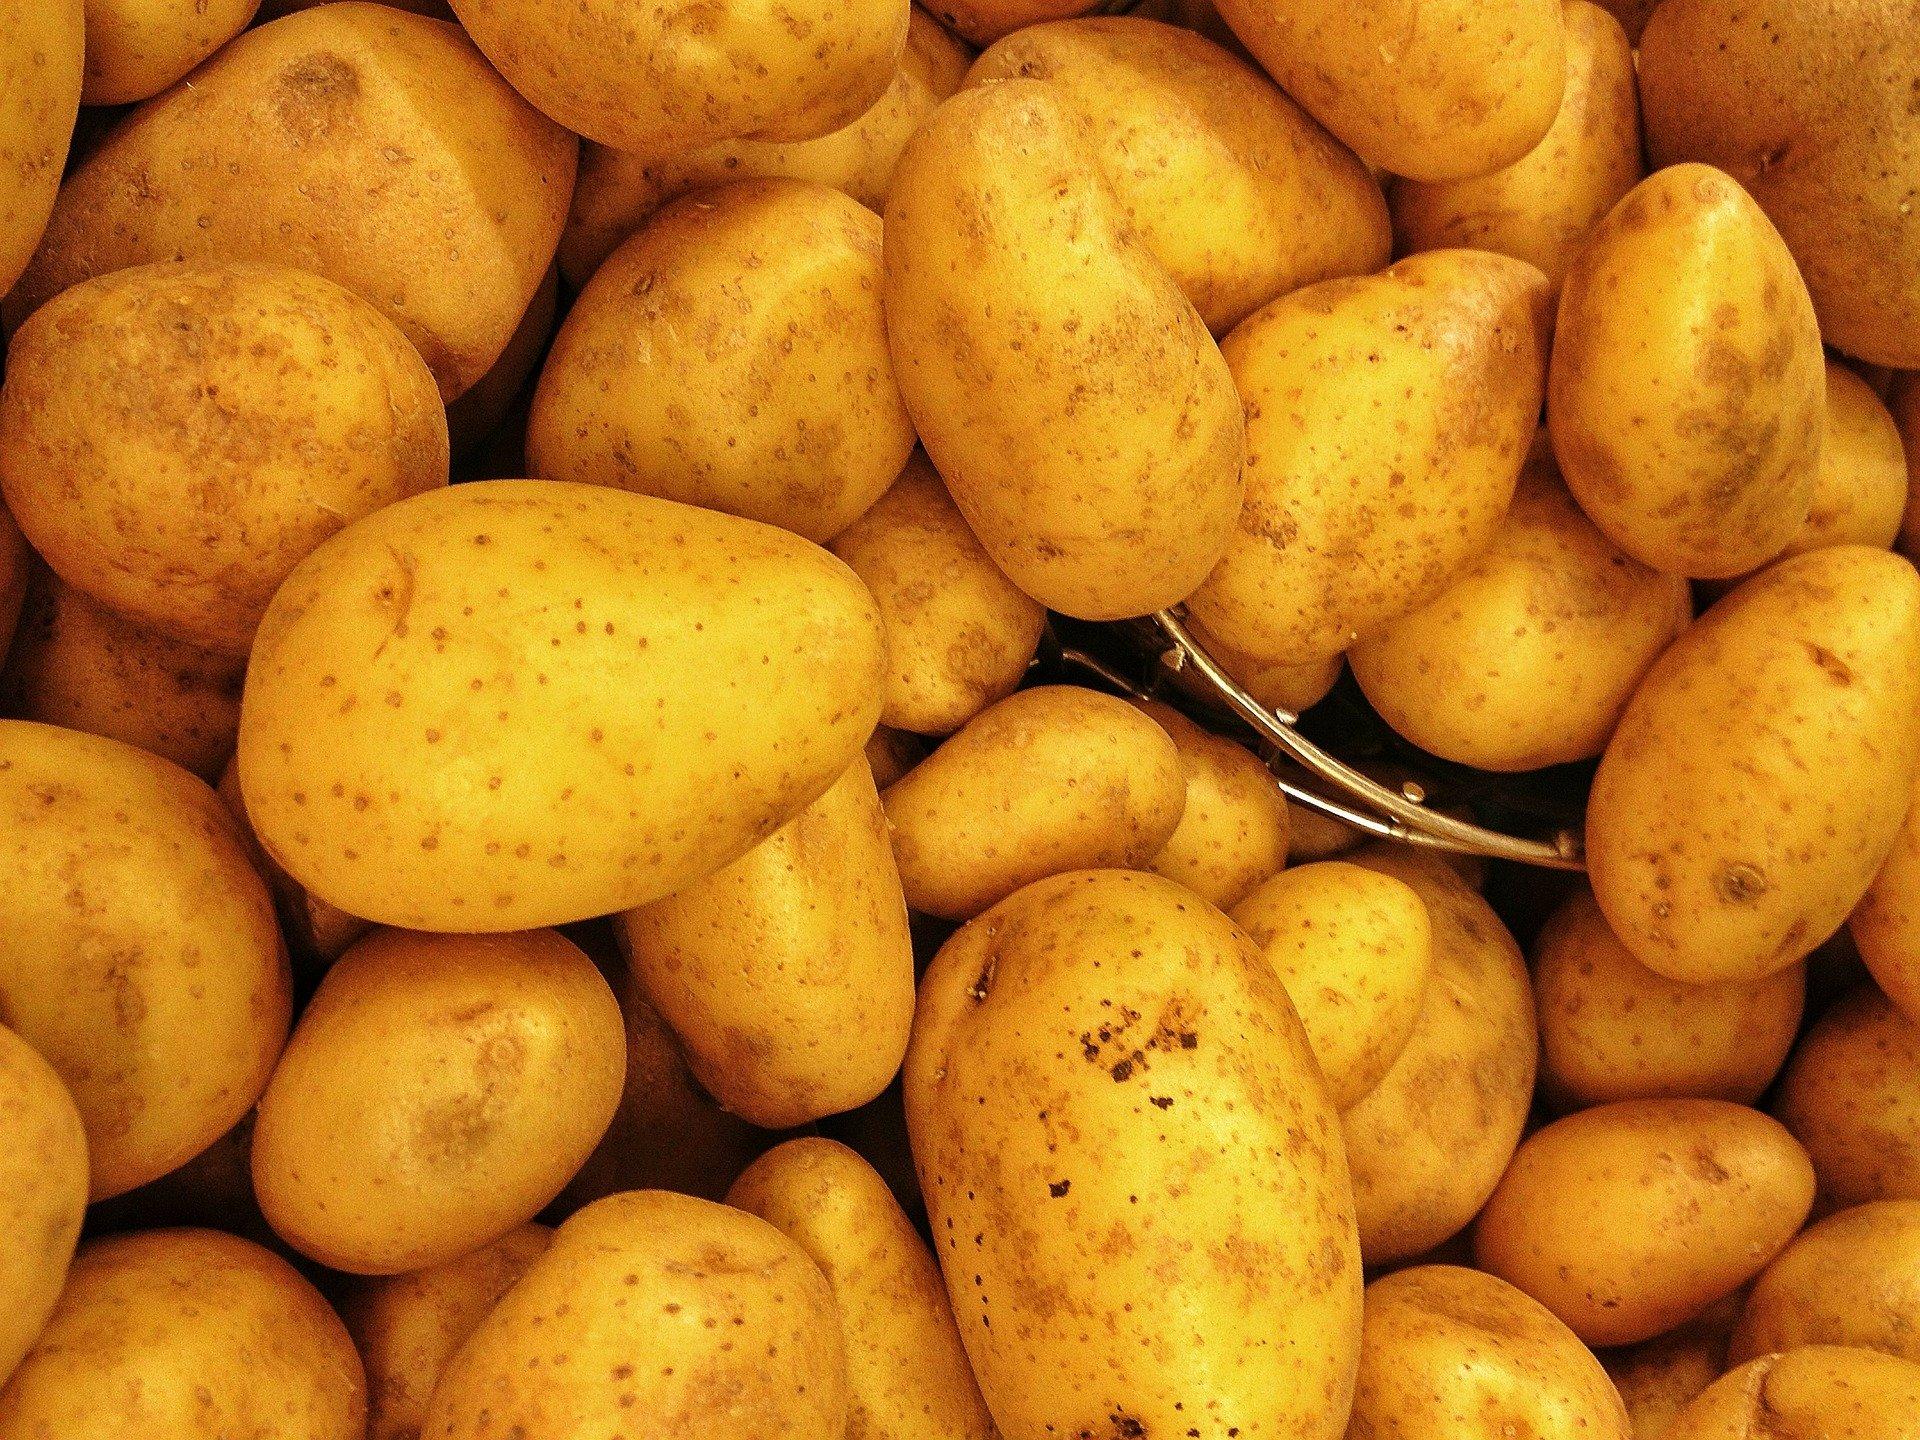 Картошка продолжит дешеветь